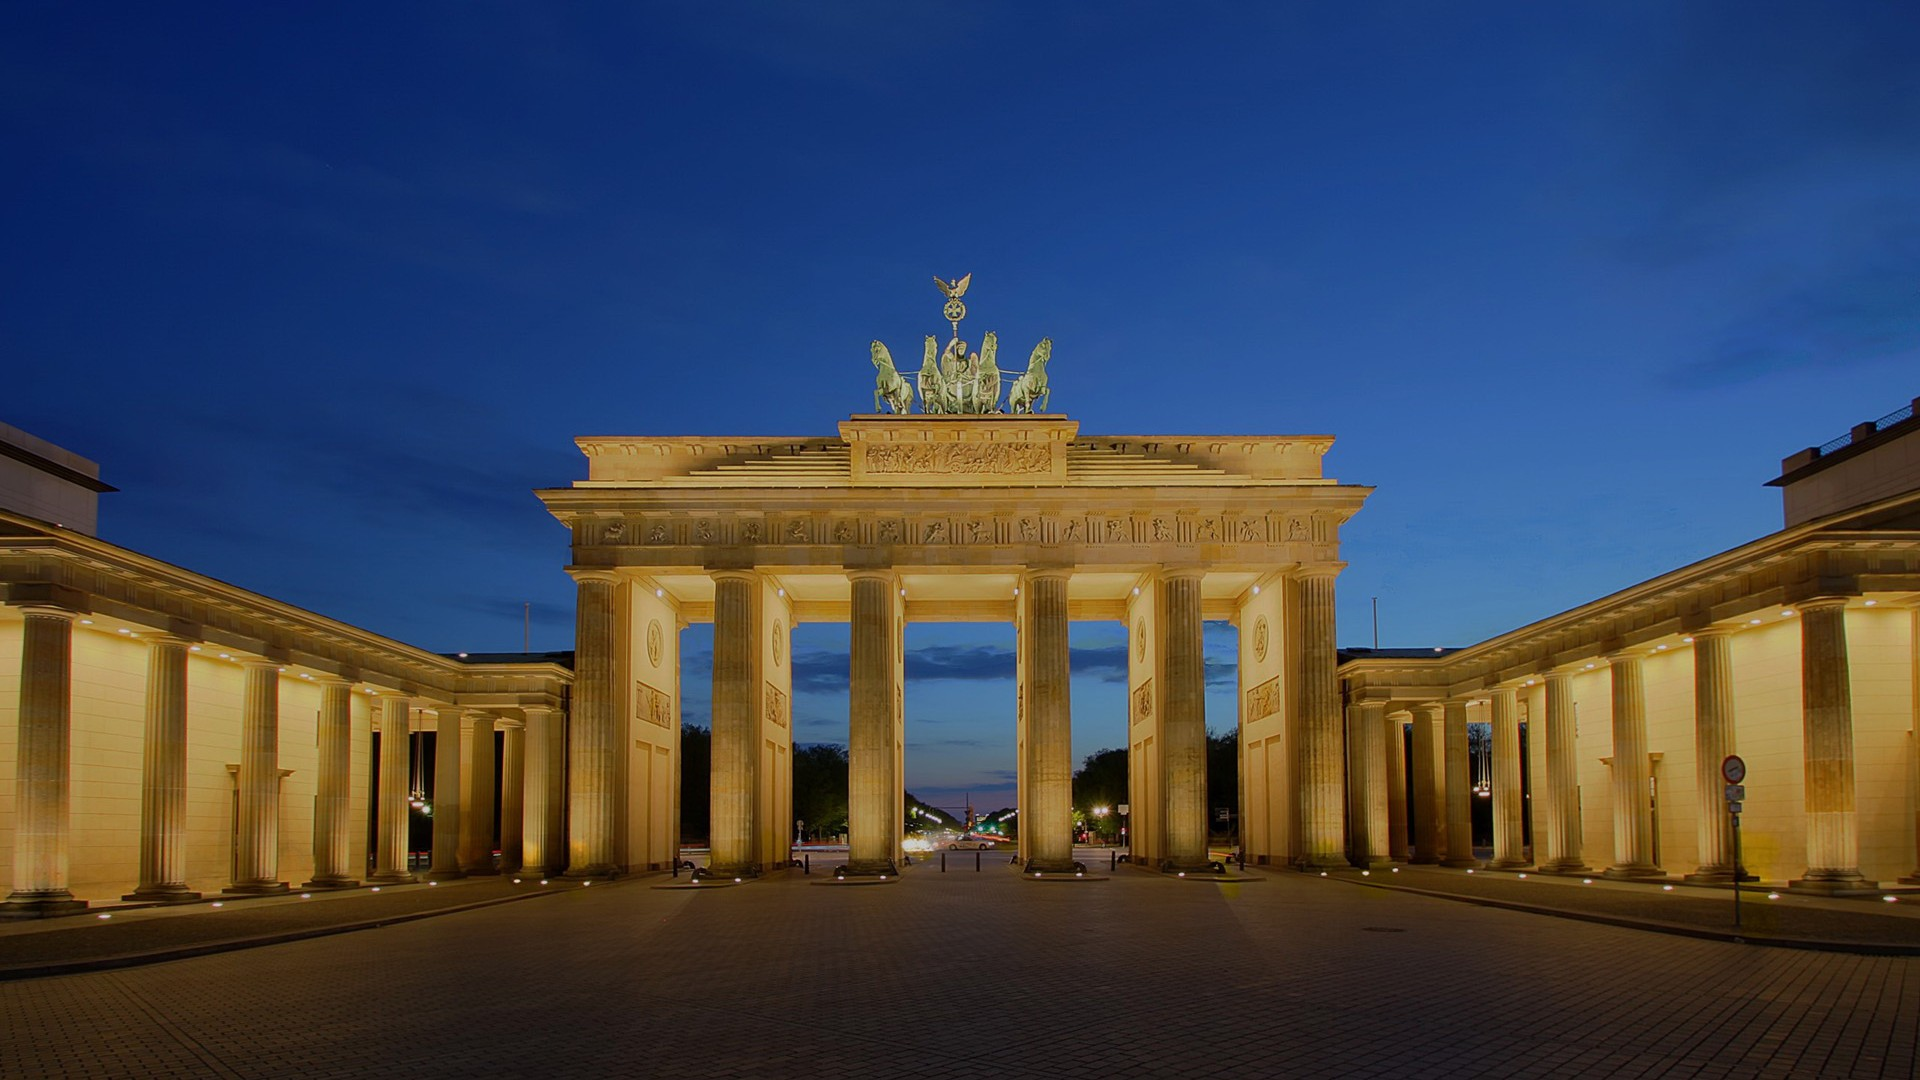 Brandenburg Gate Wallpaper 9   1920 X 1080 stmednet 1920x1080